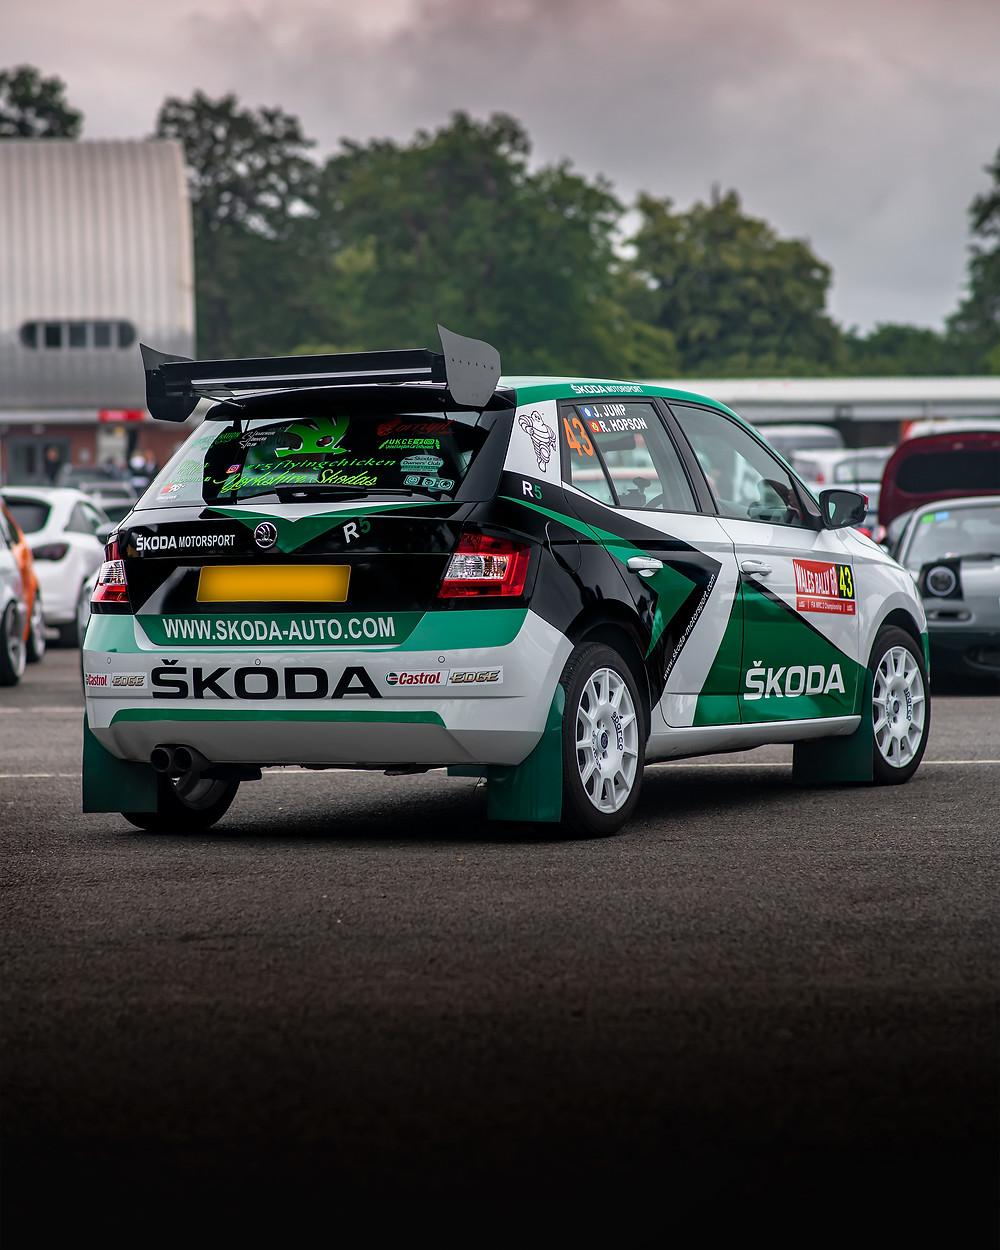 Skoda Fabia R5 rear three quarters